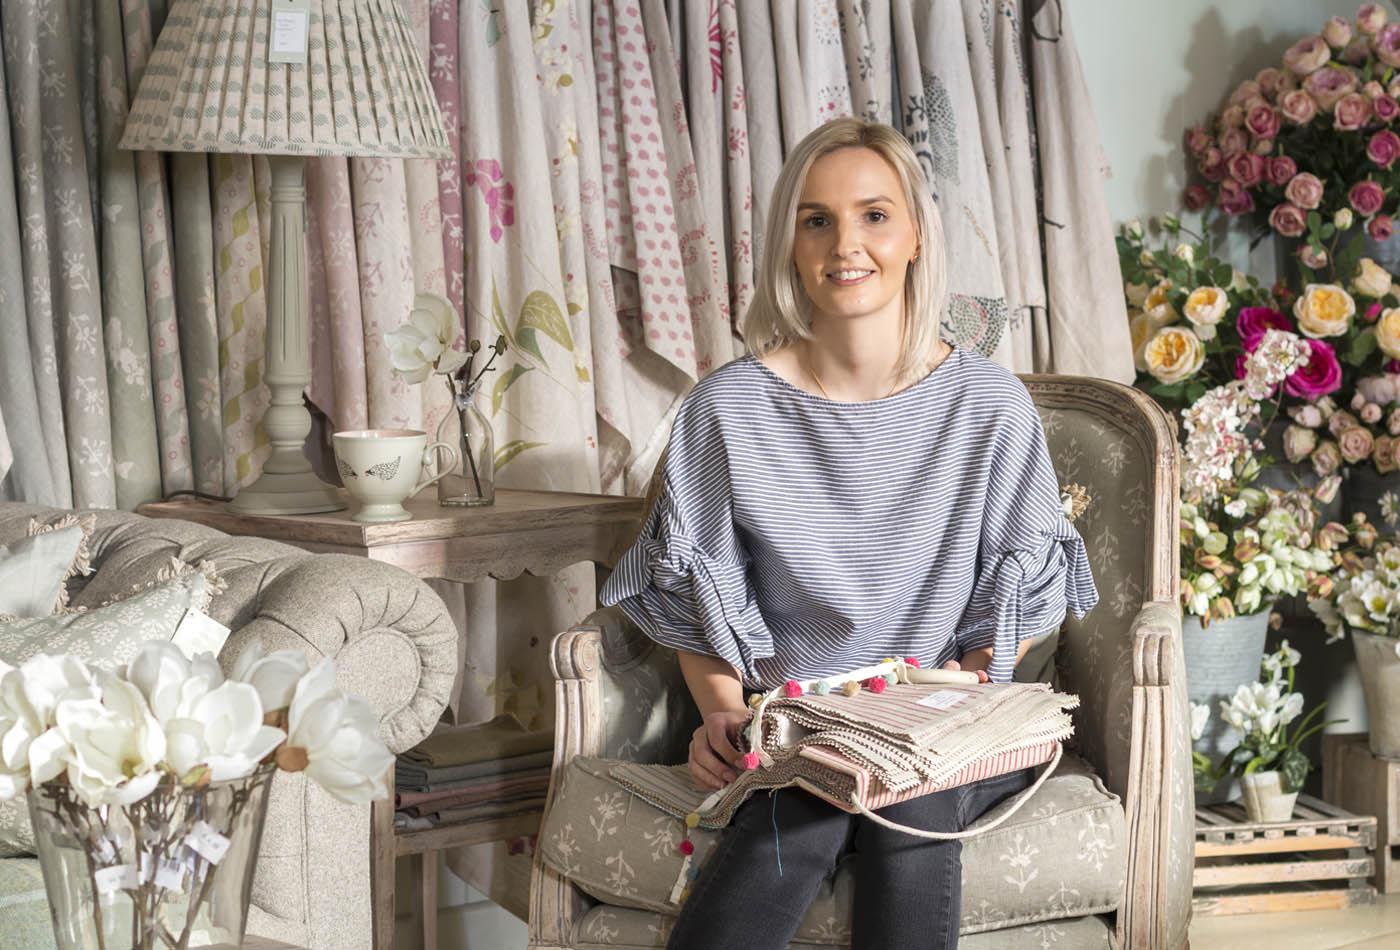 Susie Watson Designs interior designer Rebecca Watson